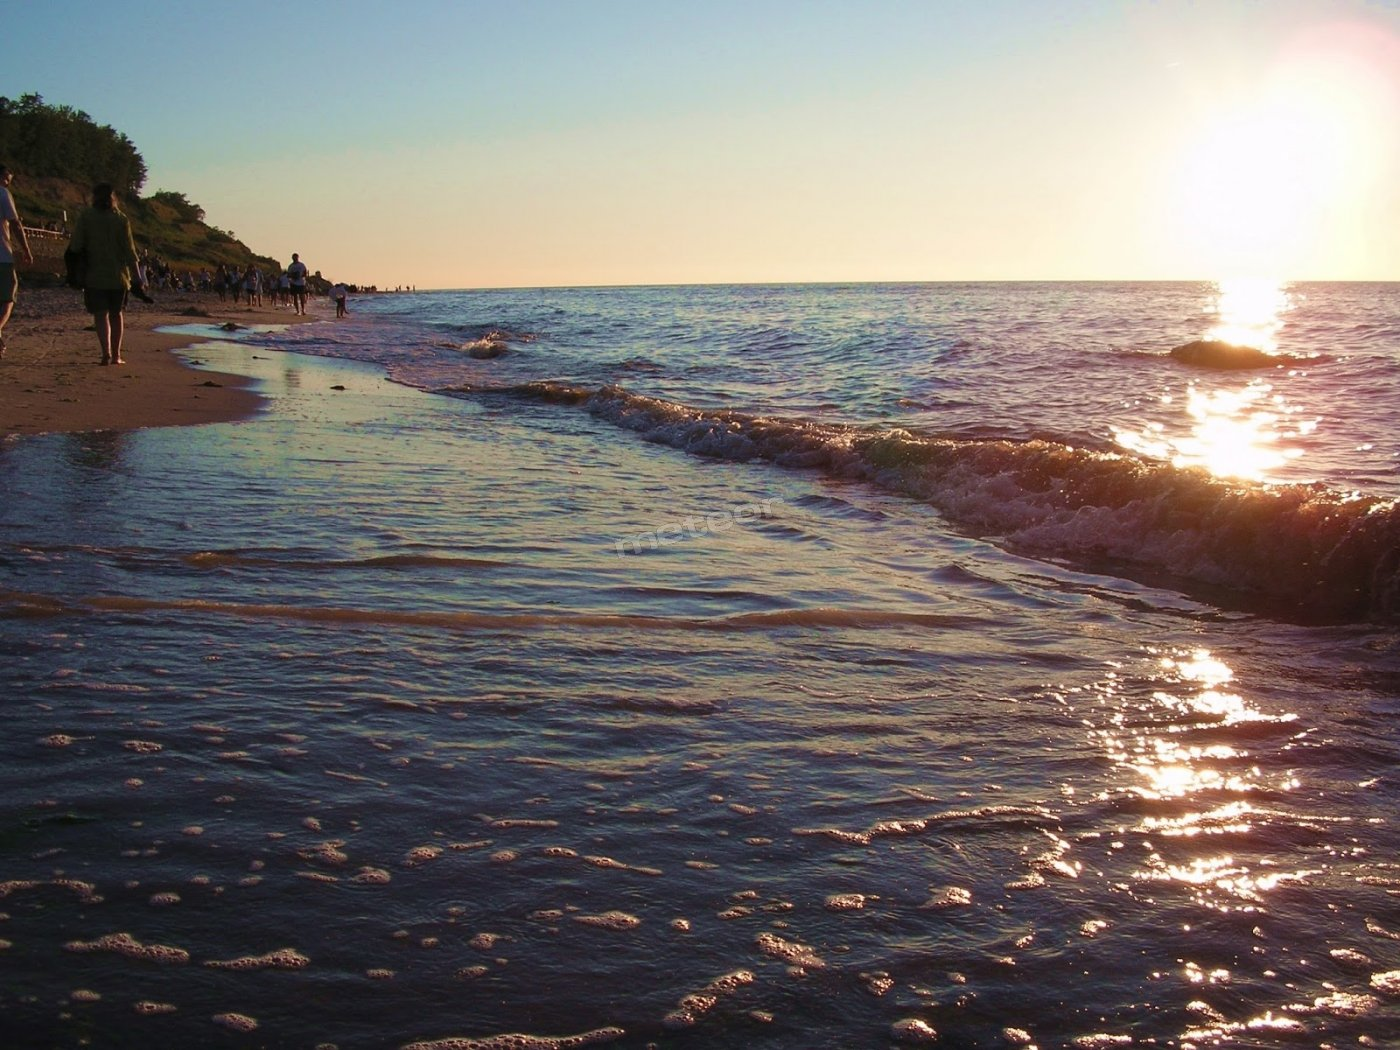 wieczorne spacery na plazy o zachodzie słońca pod klifem baltyckim